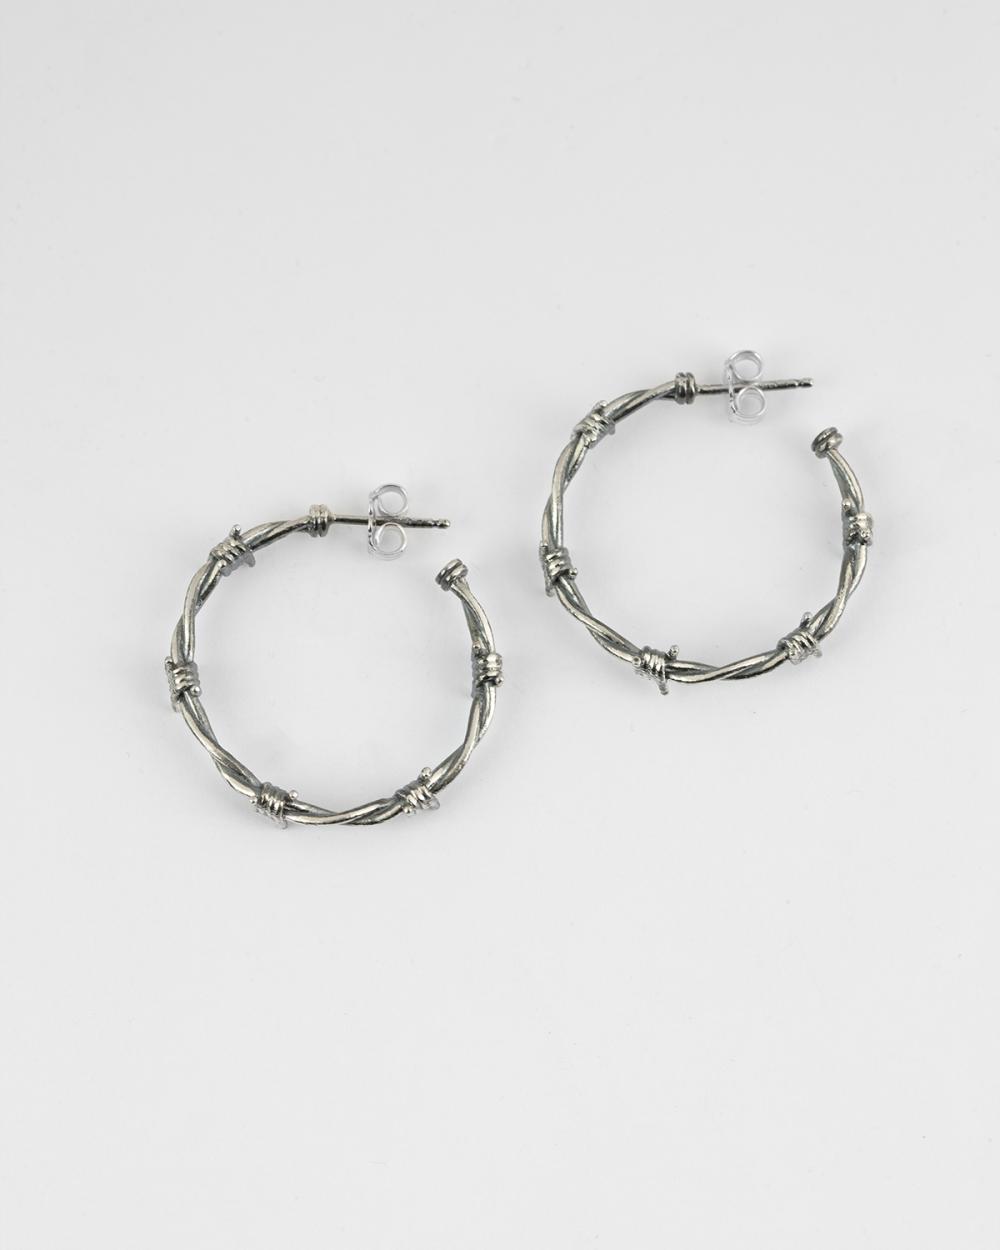 barbed wire pair earrings